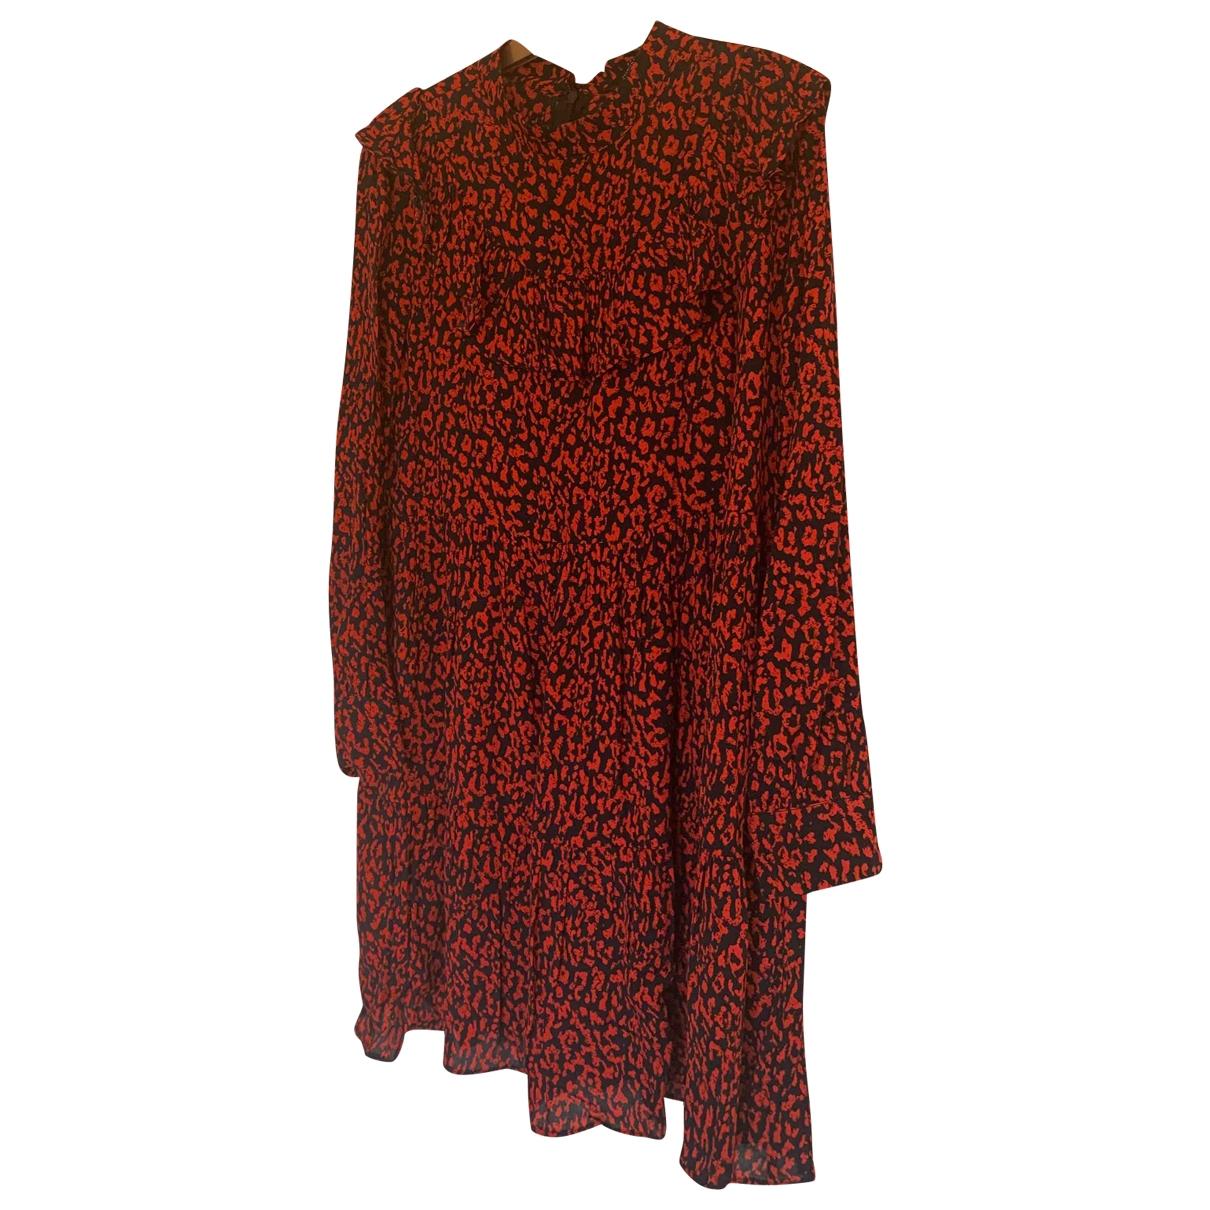 Zara \N Red dress for Women S International